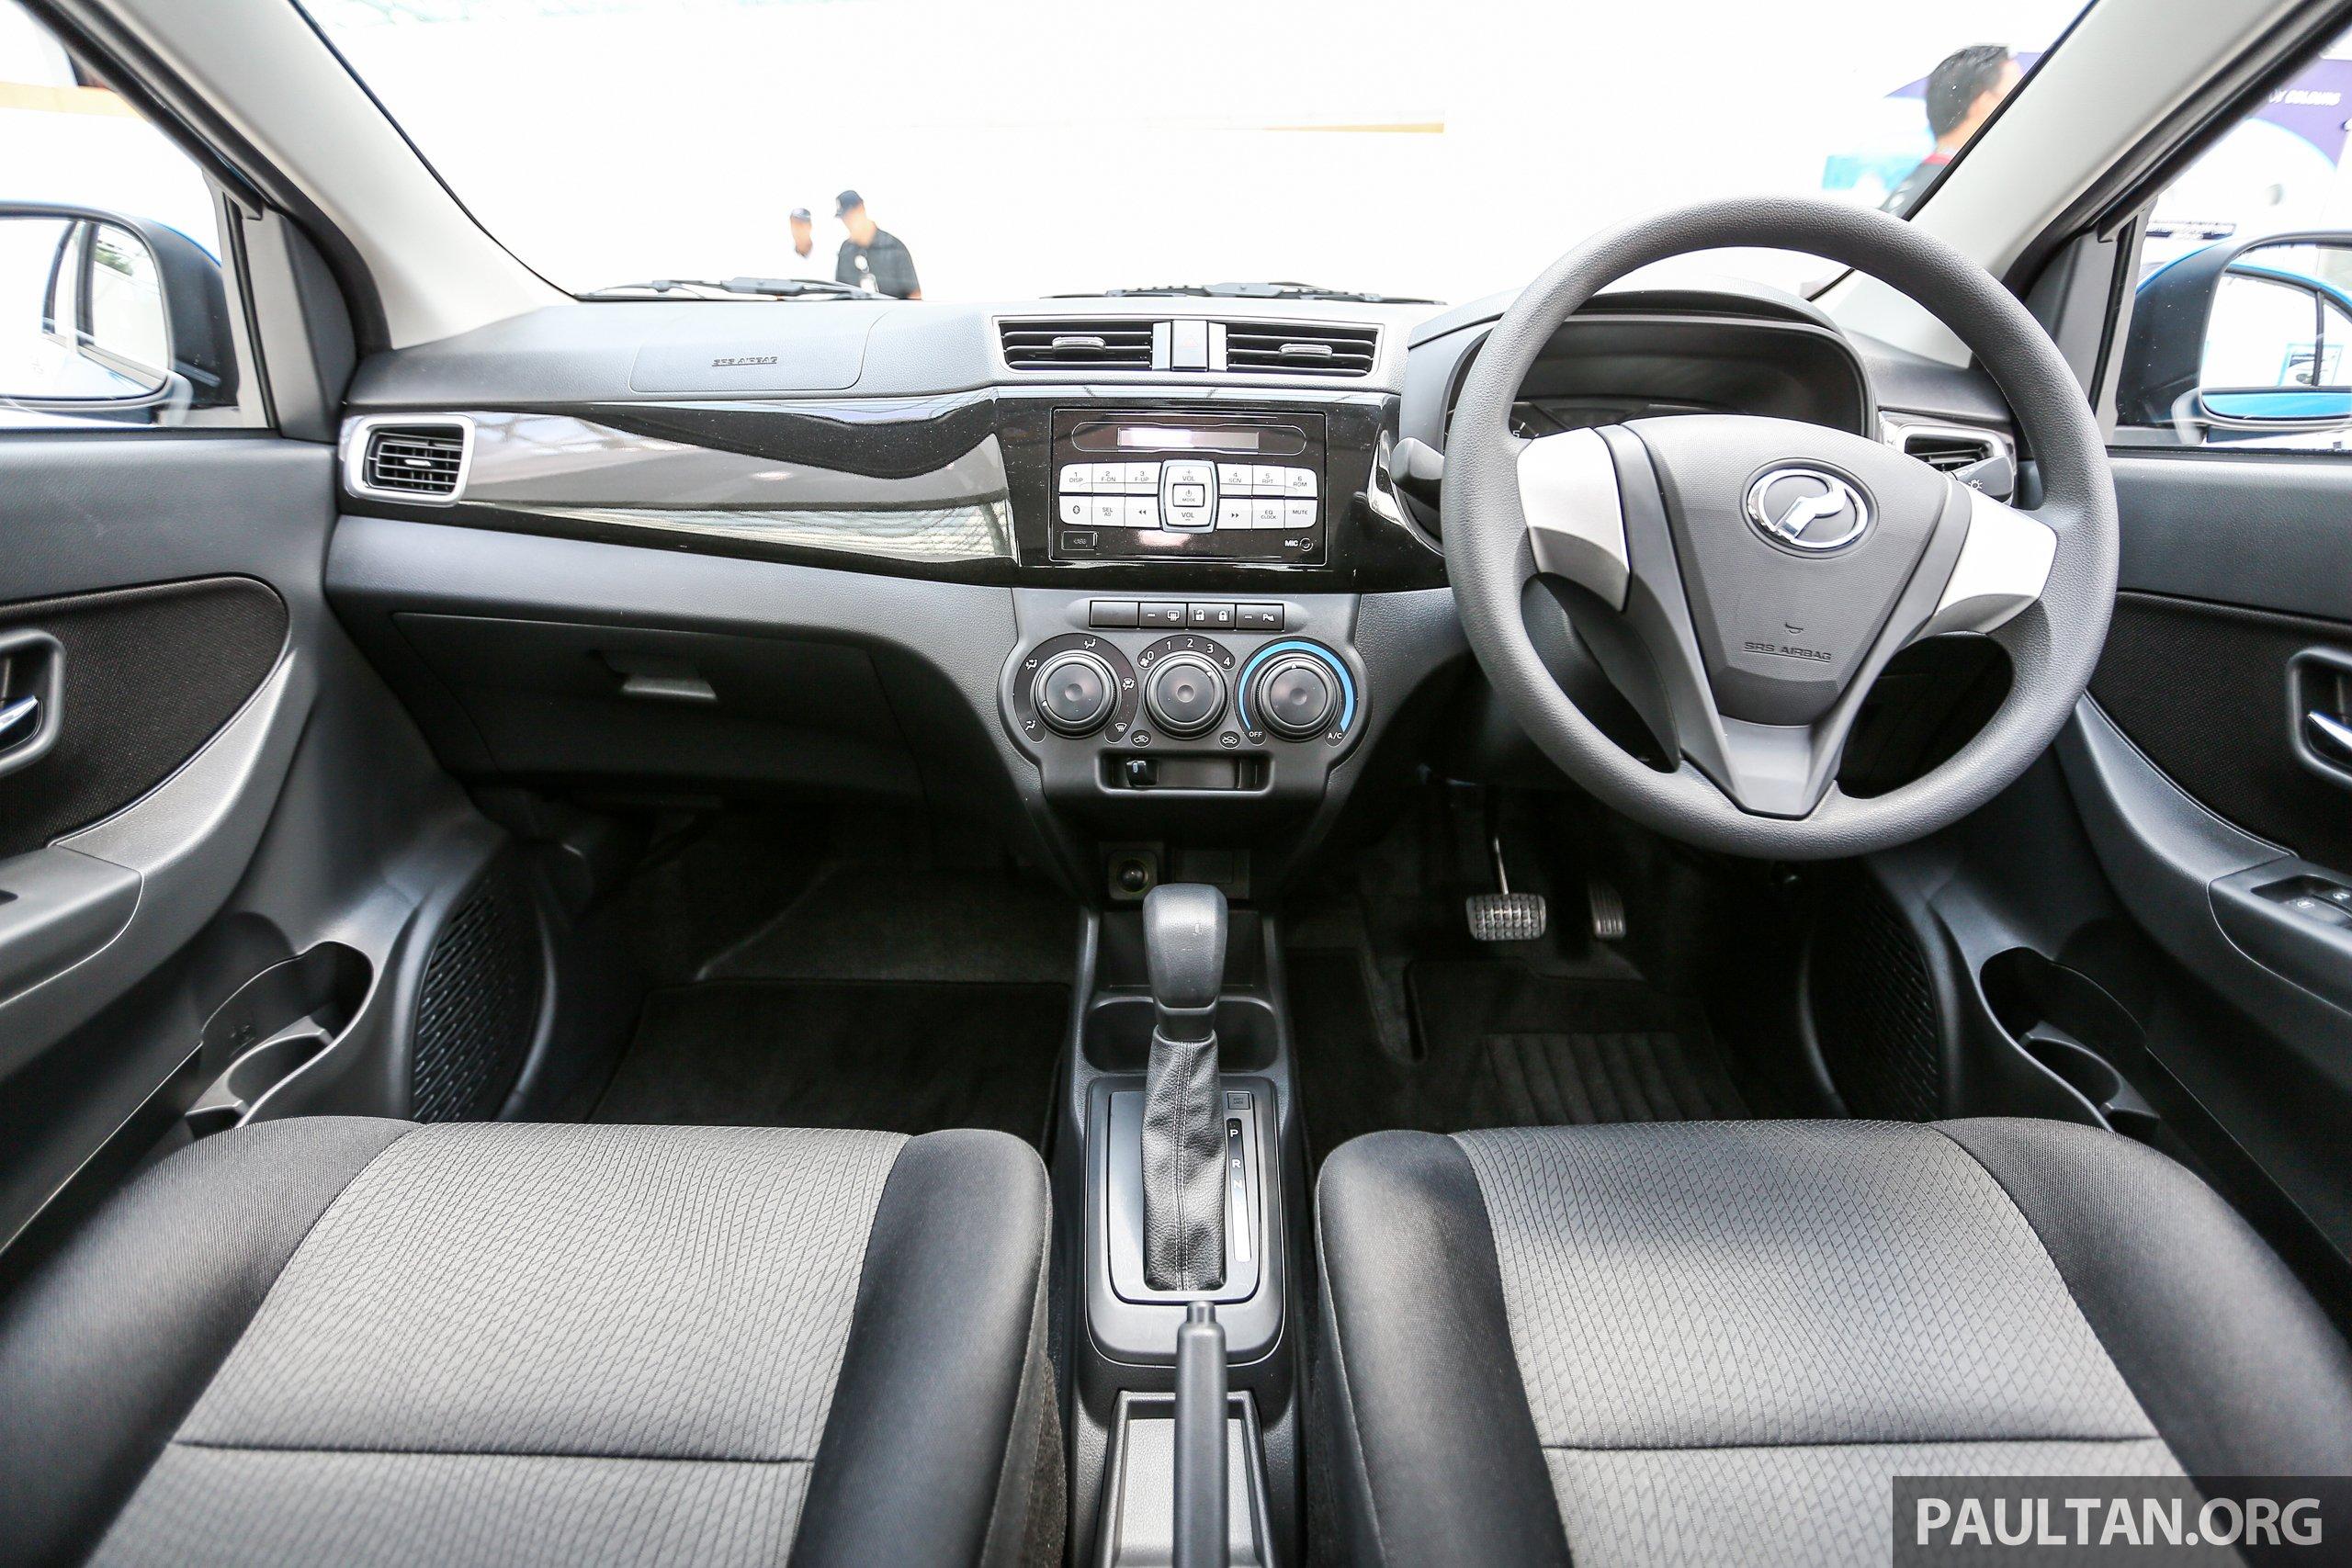 2016 Perodua Bezza Sedan Berbasis Perodua Axia A K A Duo